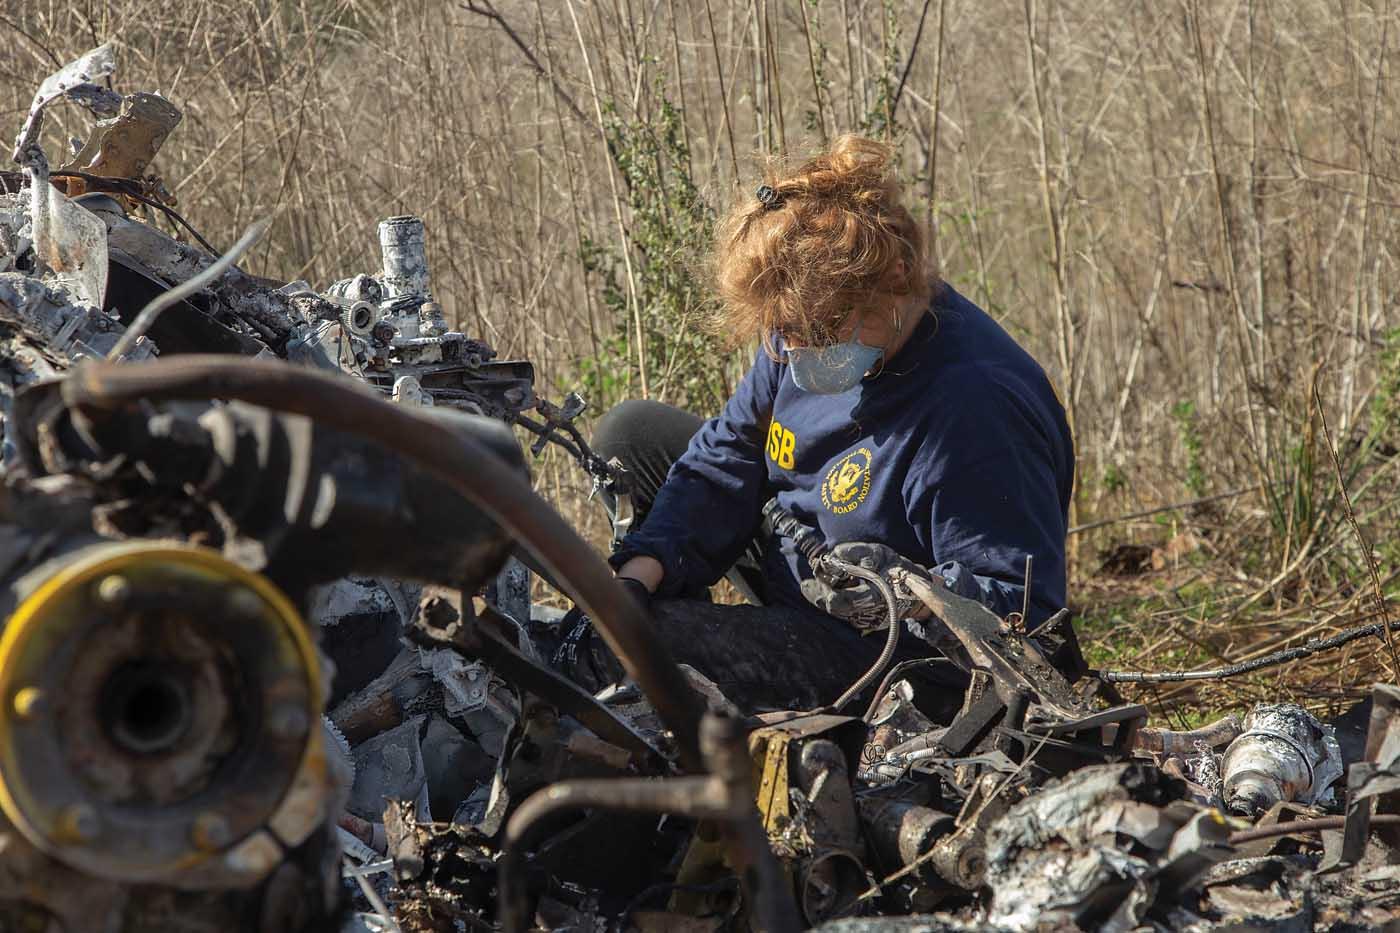 A investigadora do NTSB Carol Horgan examina os destroços do Sikorsky S-76B que caiu perto de Calabasas, Califórnia, em 26 de janeiro, matando nove pessoas, incluindo Kobe Bryant. Foto de NTSB / James Anderson